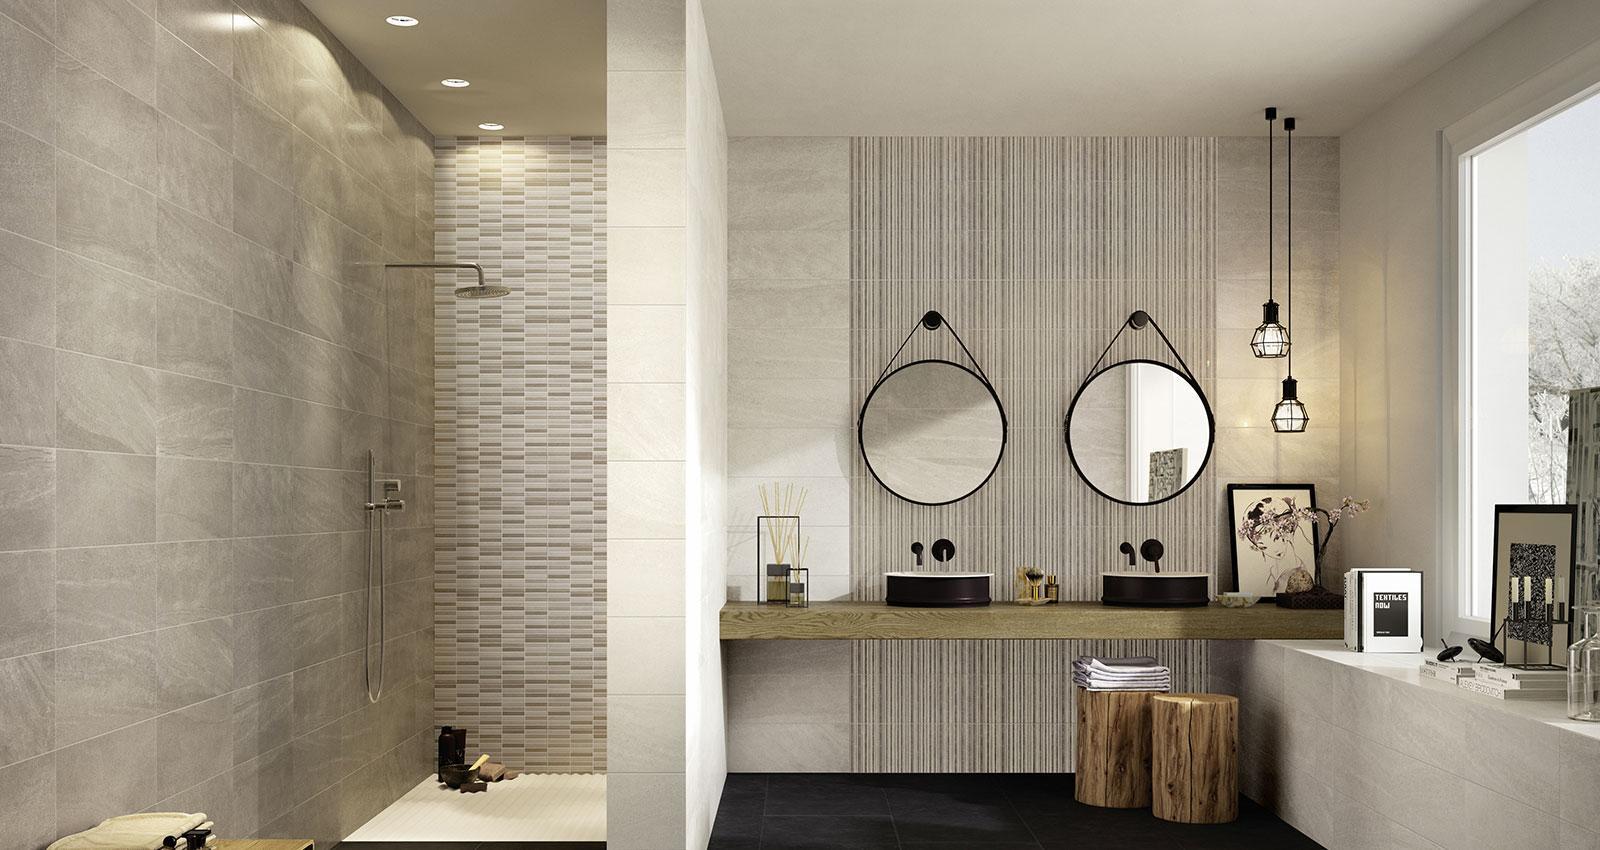 interiors - badverkleidung und küchenverkleidung   marazzi